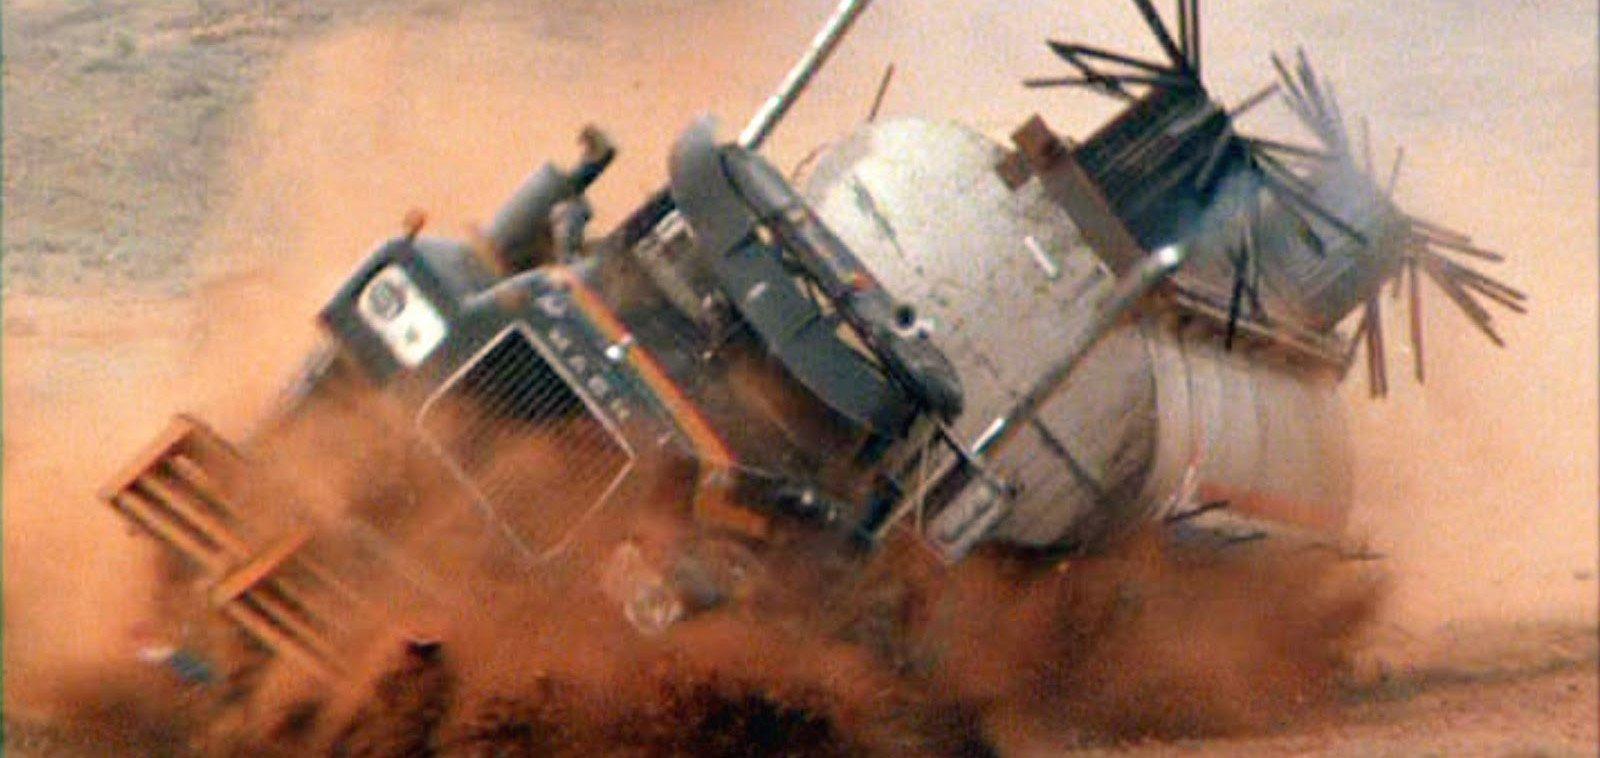 Mad Max 2: The Road Warrior truck crash